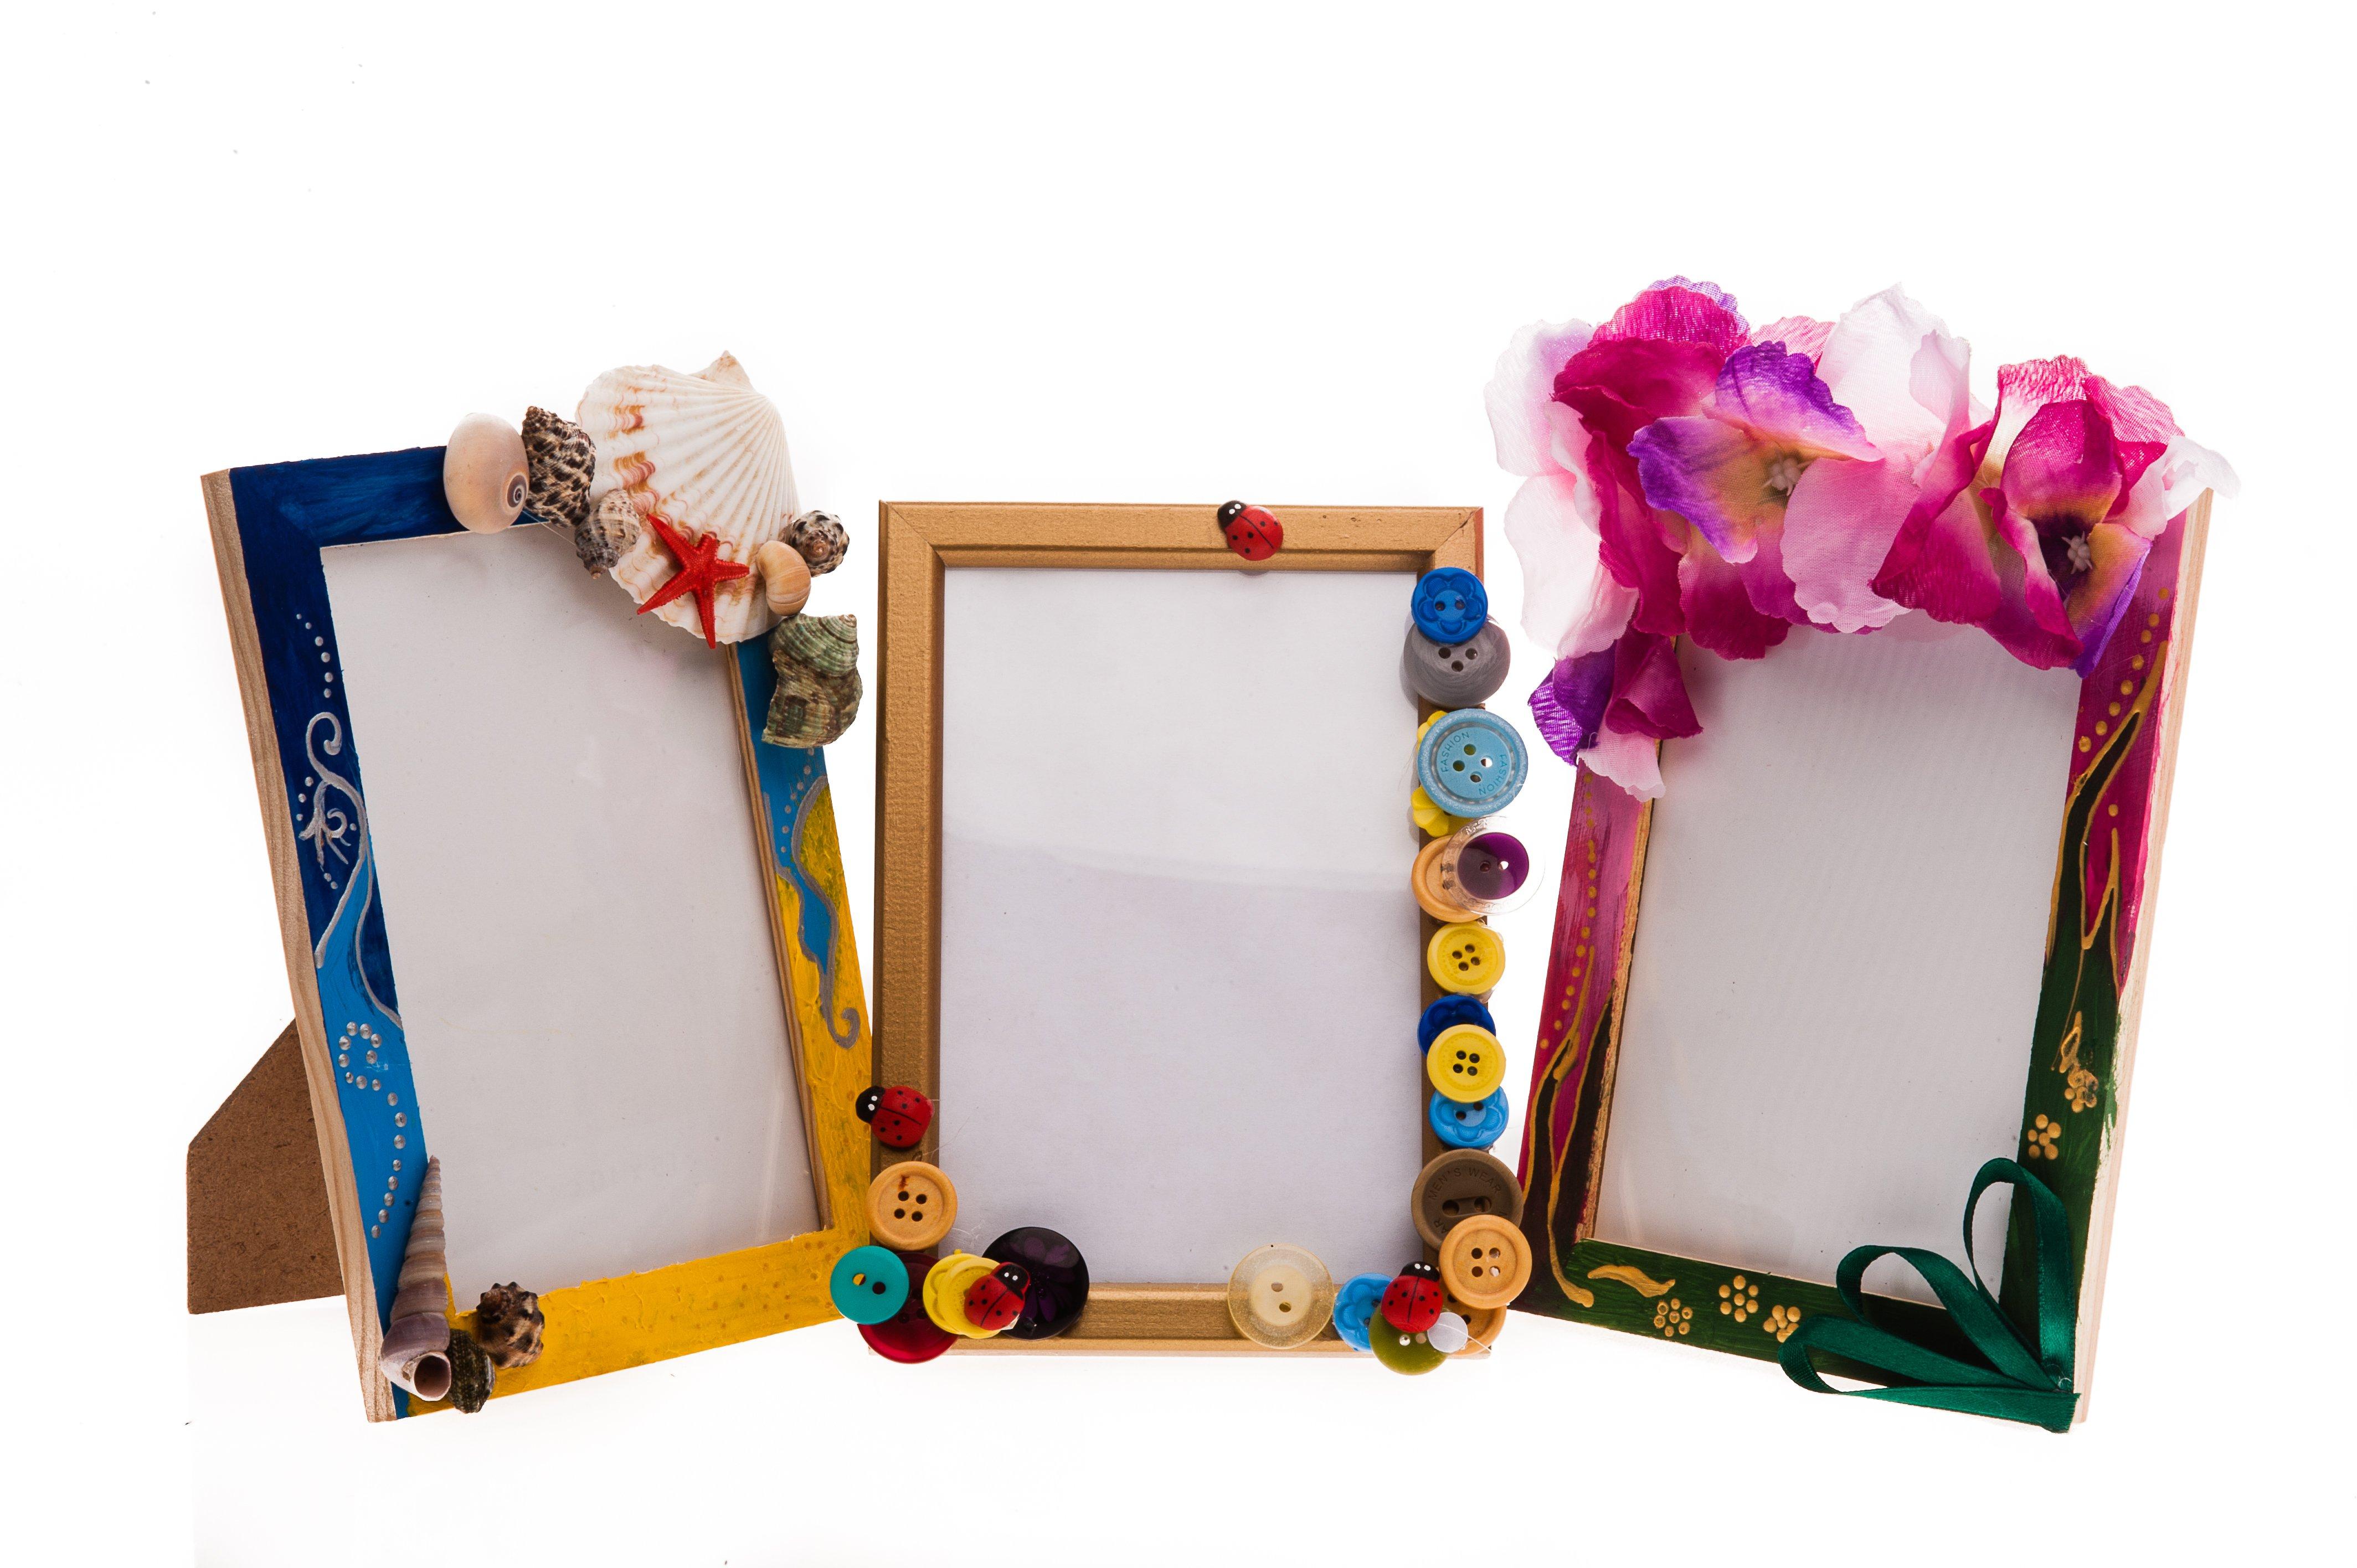 Рамка для картинки своими руками, картинки